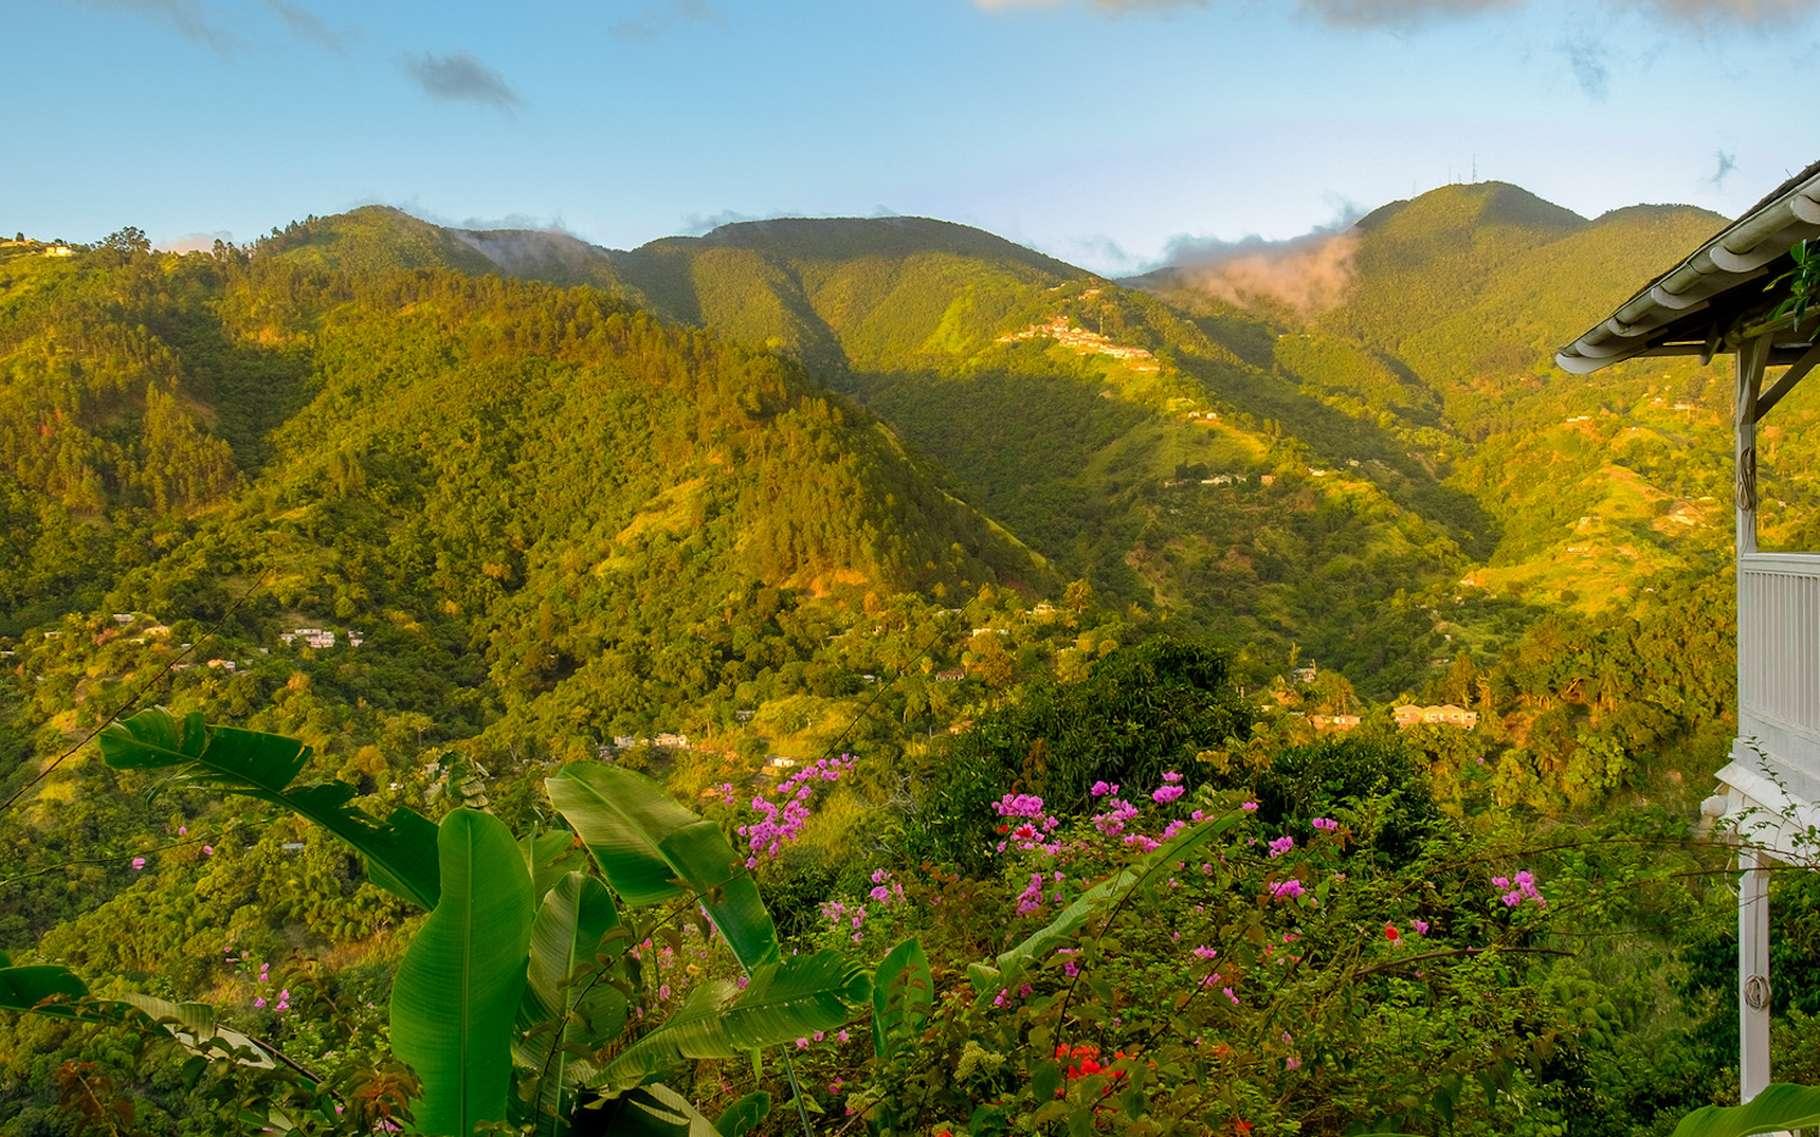 Antoine nous donne un bel aperçu de cette île paradisiaque de la mer des Caraïbe qu'est la Jamaïque. © Eric Laudonien, Fotolia